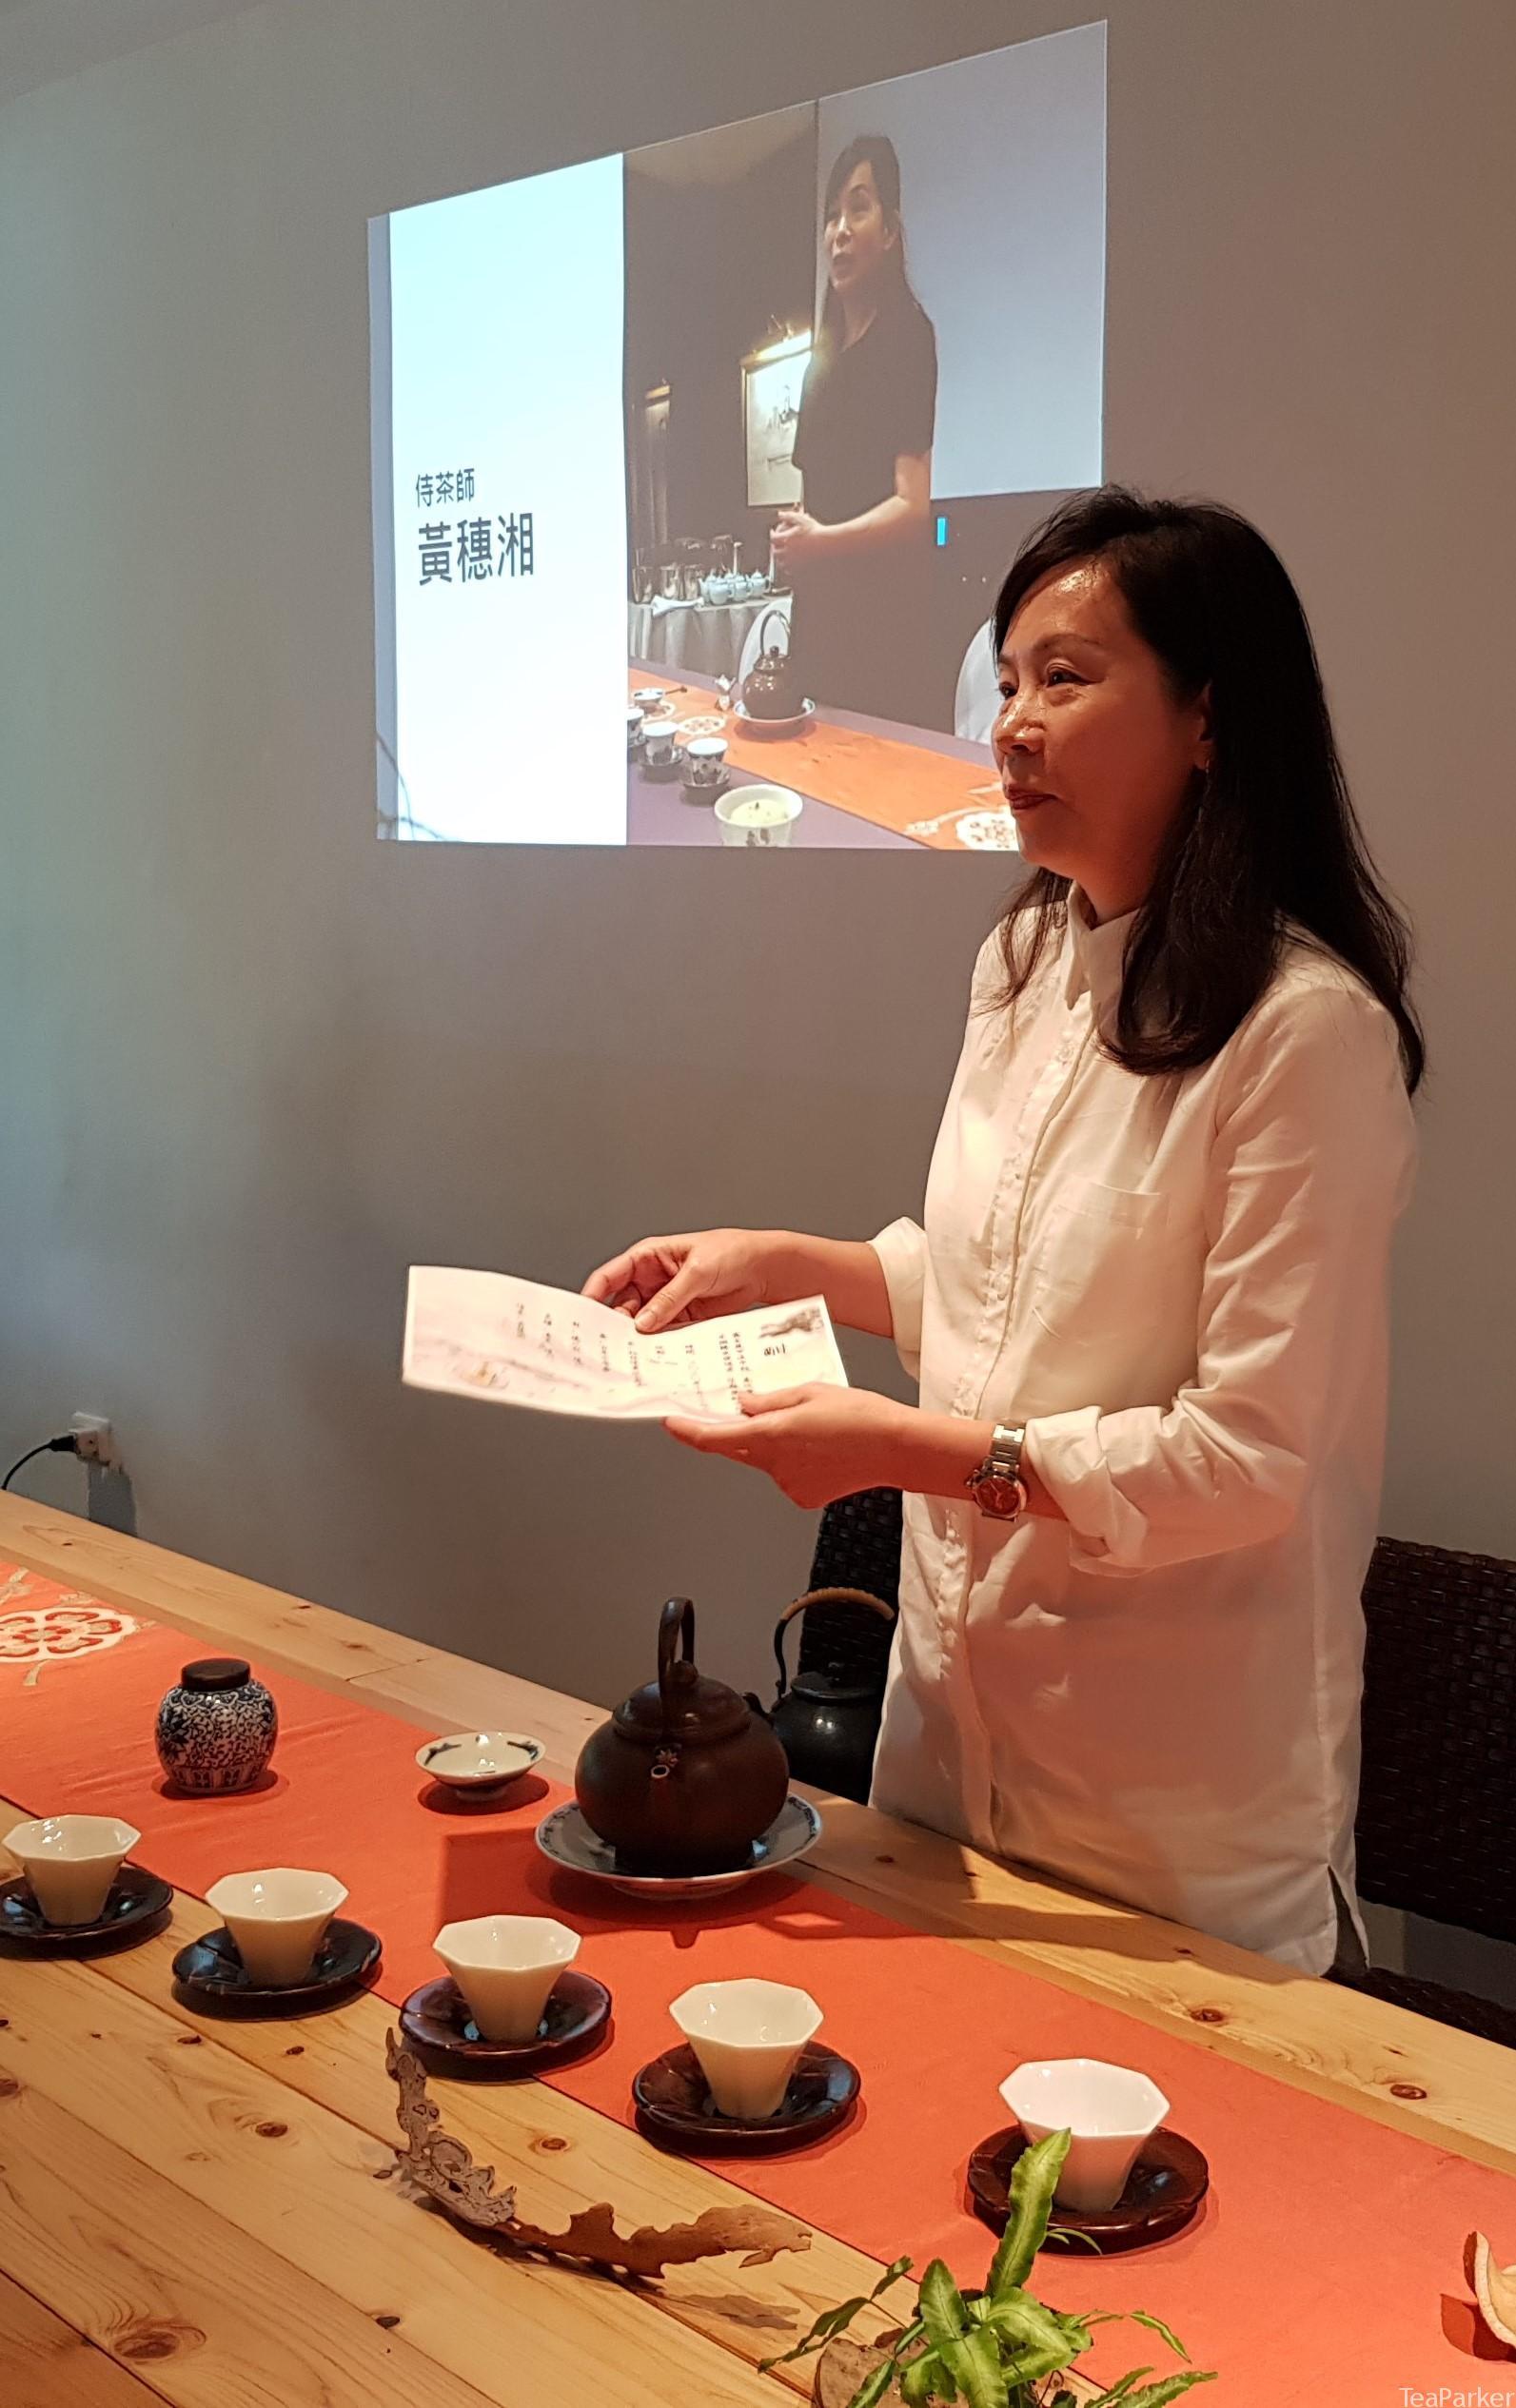 侍茶師 黃穗湘